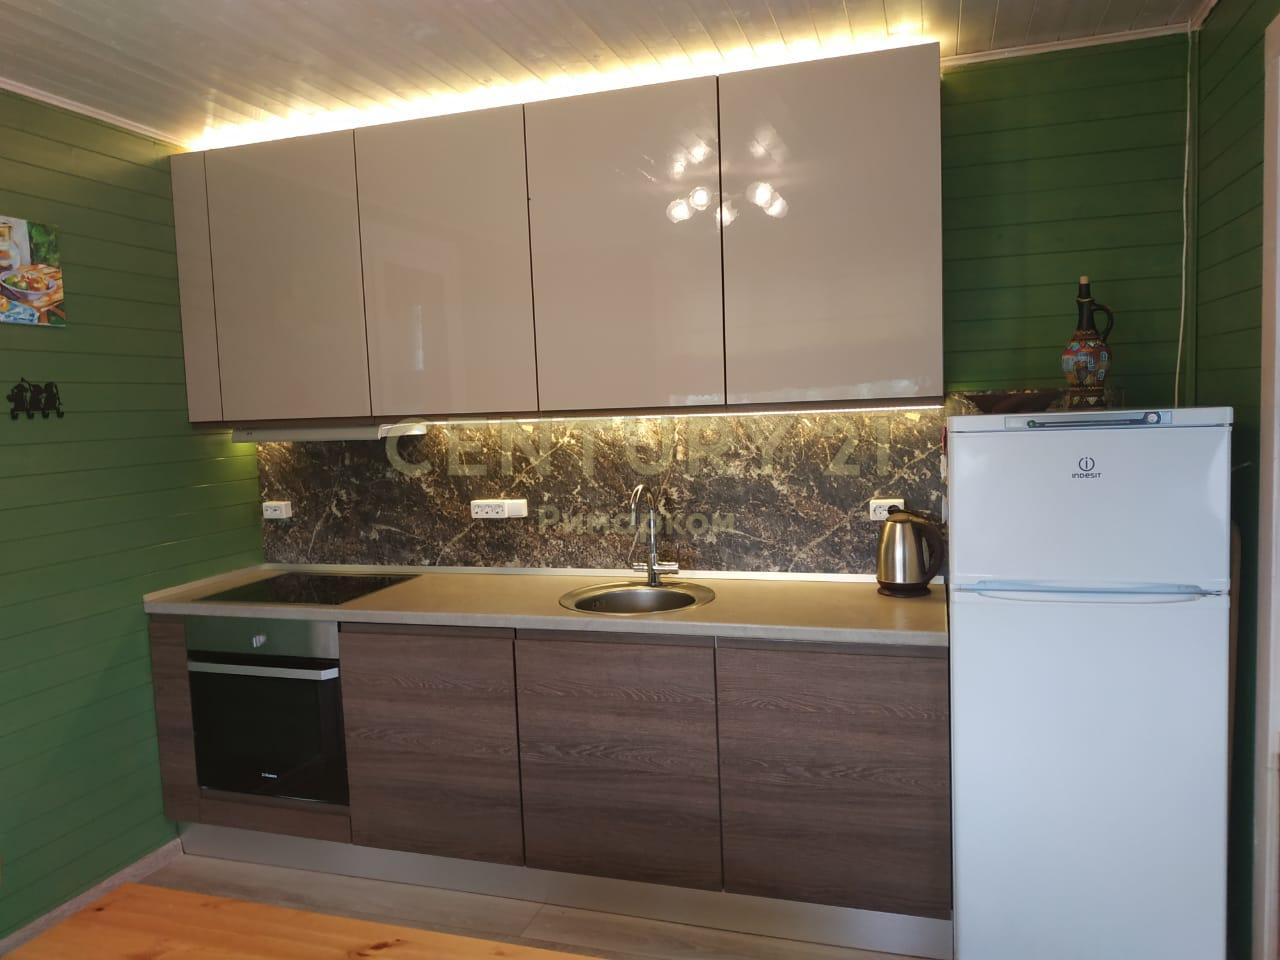 Продам дом по адресу Россия, Москва и Московская область, городской округ Чехов, Масново-жуково фото 13 по выгодной цене